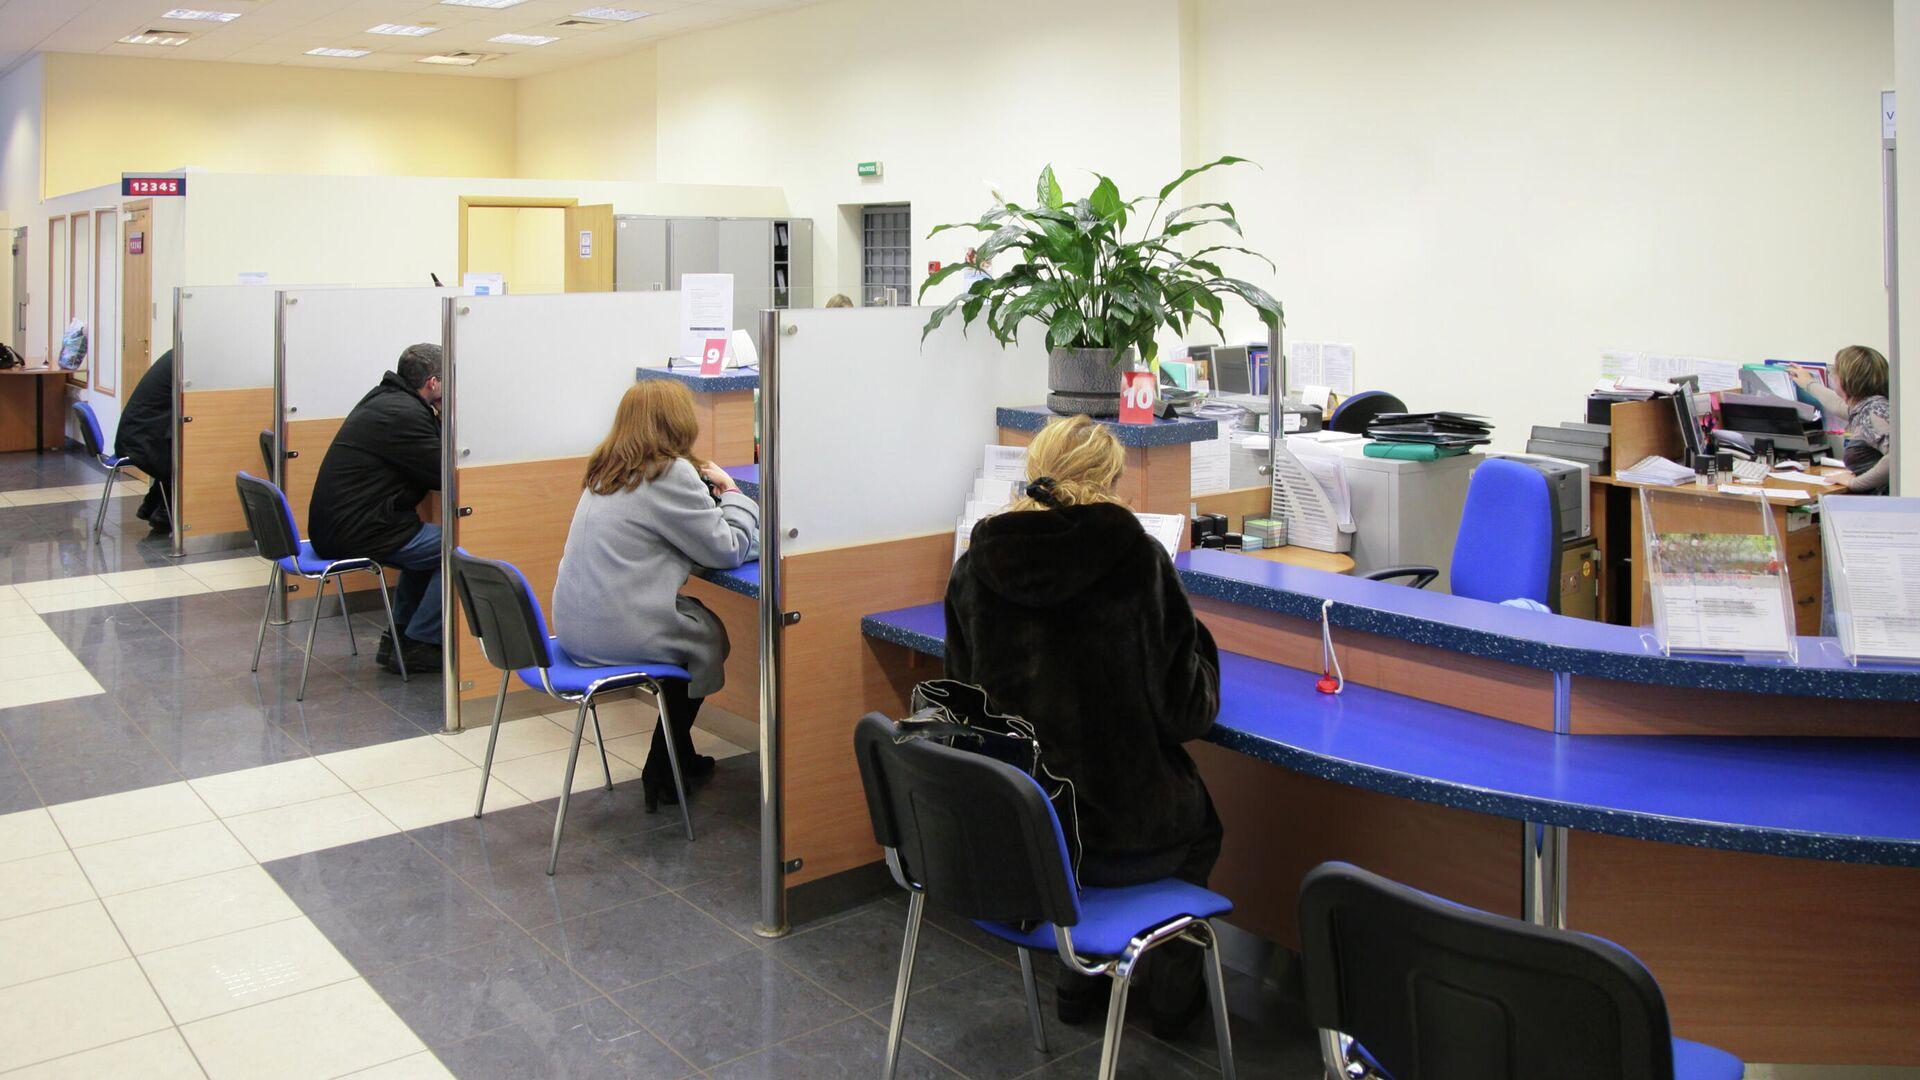 Посетители в отделении банка - РИА Новости, 1920, 28.03.2021